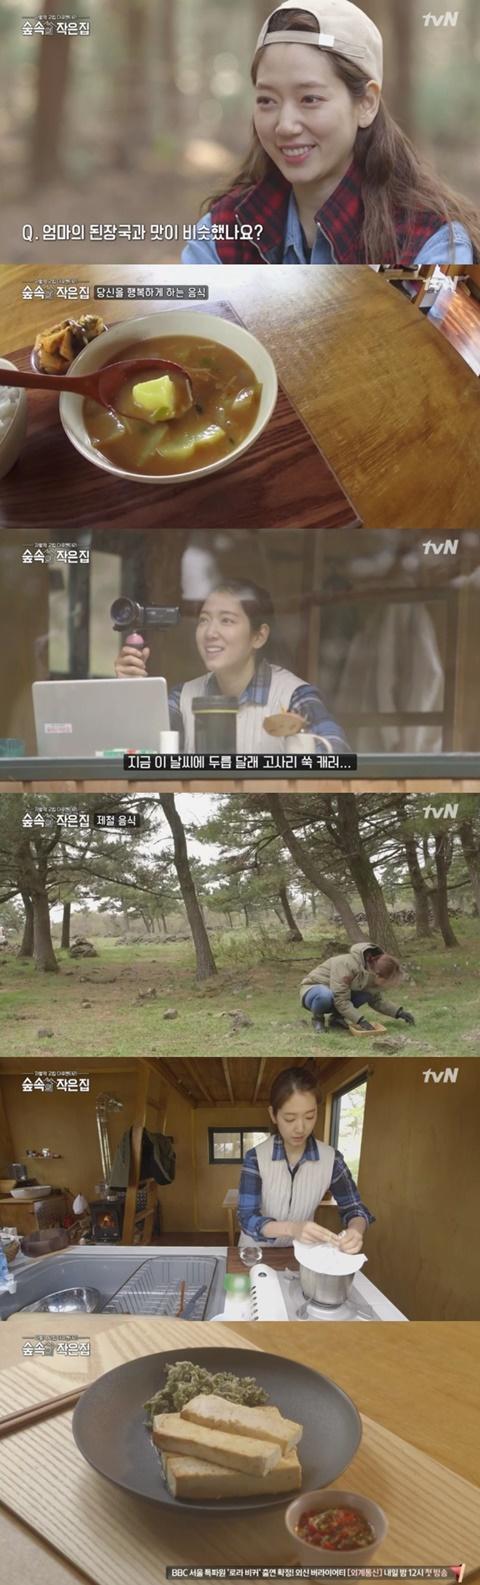 못하는 게 뭐니?...'숲속집' 박신혜, 이번엔 만능 살림꾼